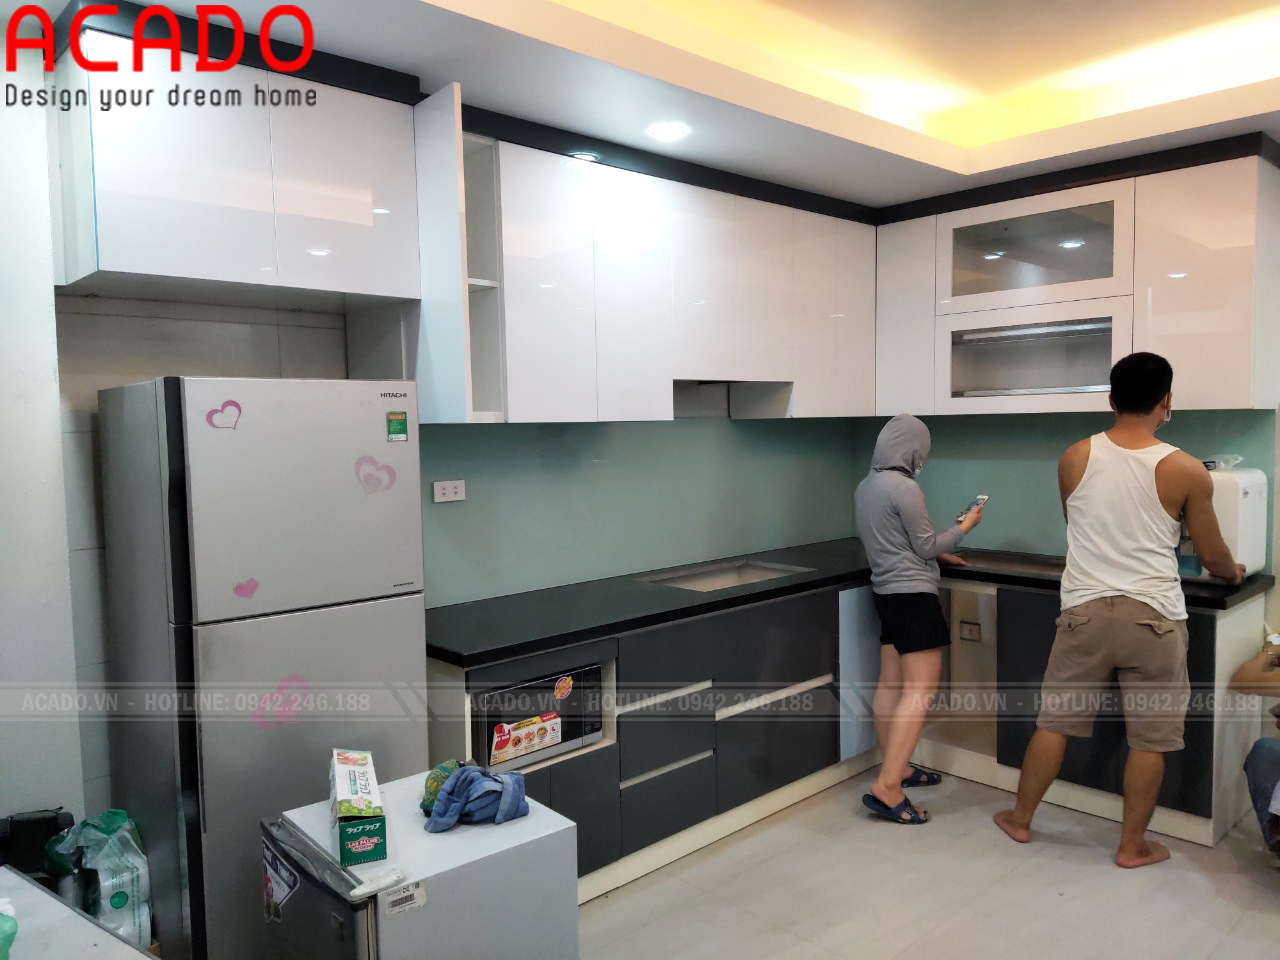 Tủ Bếp phối màu xám xanh kết hợp màu trắng mang đến sự hiện đại cho không gian bếp